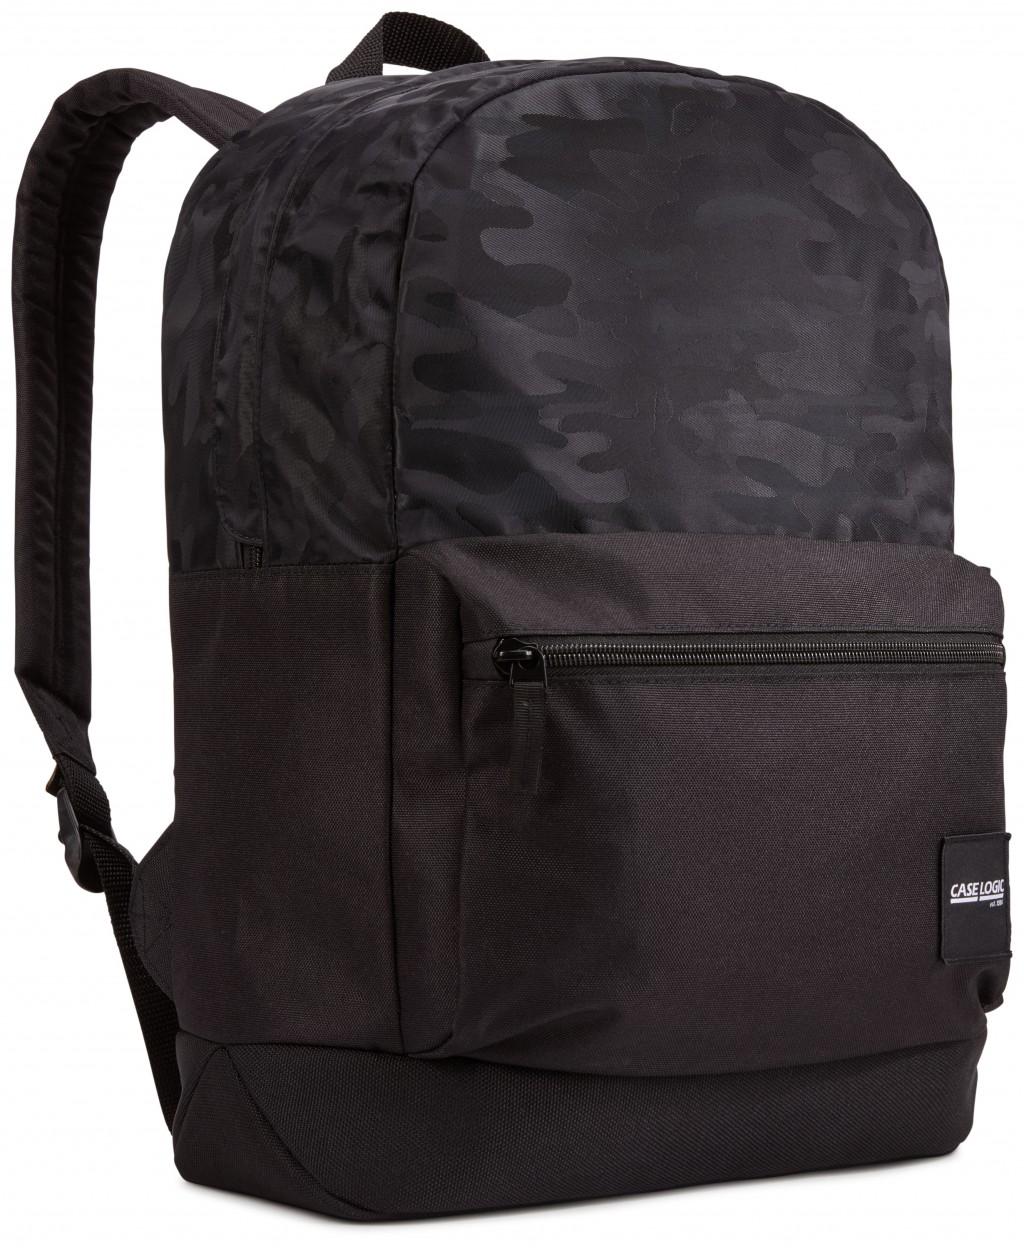 Case Logic Founder CCAM-2126 Black, 26 L, Shoulder strap, Backpack